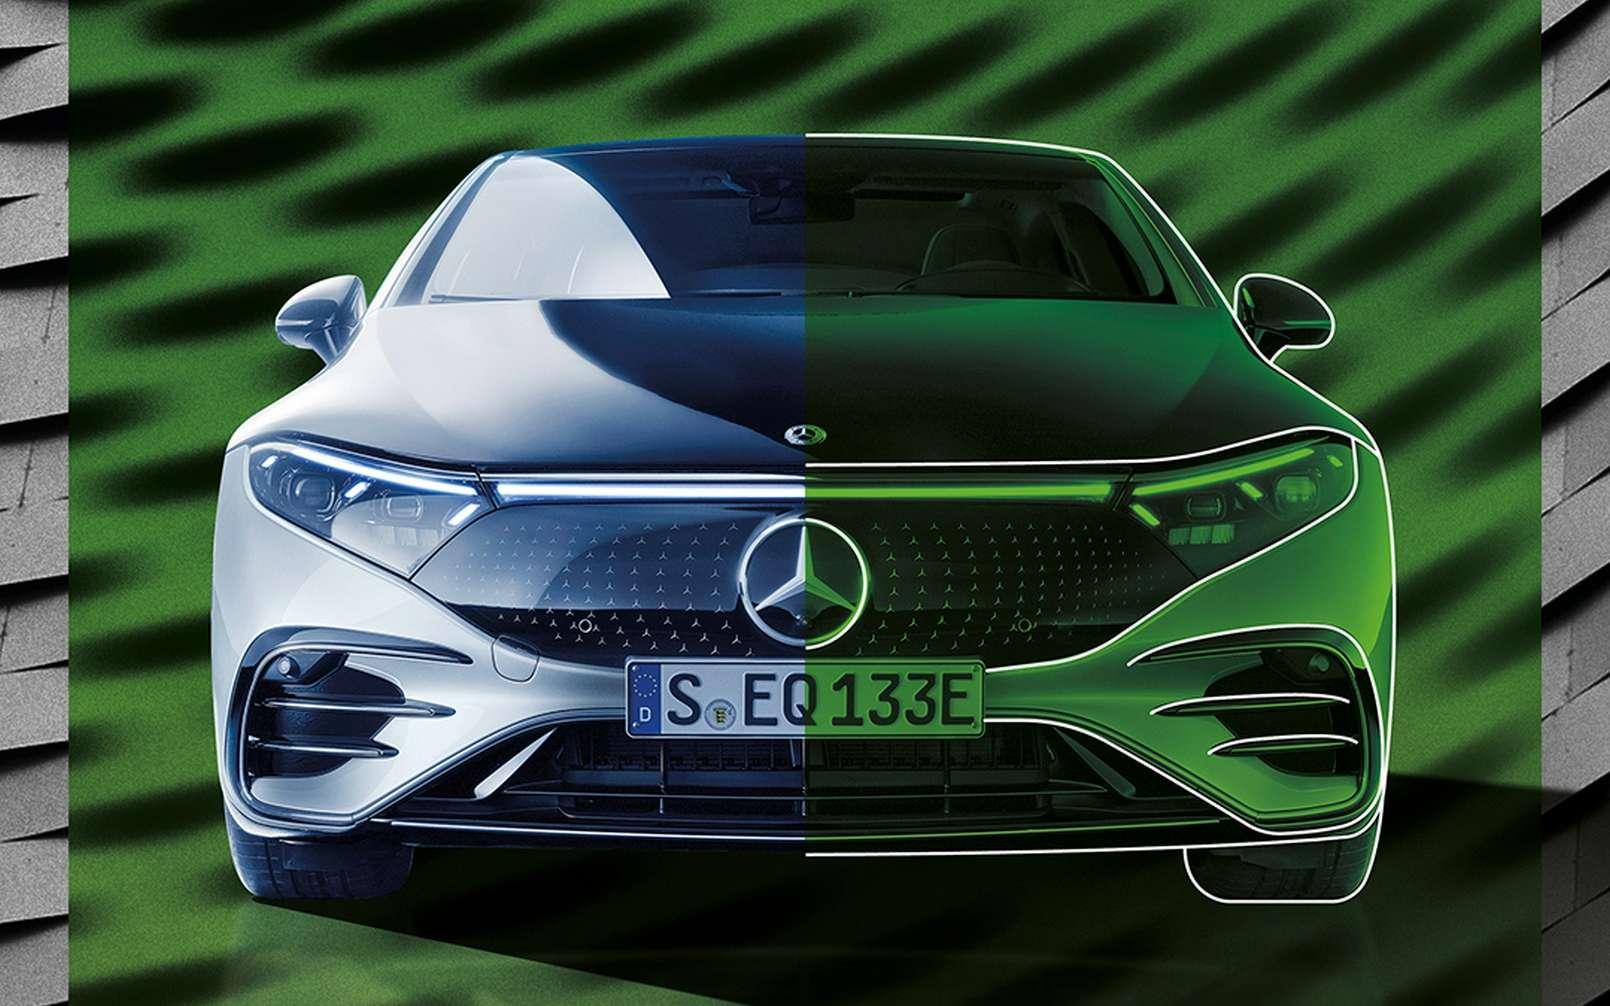 Mercedes-Benz a fait appel à H2 Green Steel pour lui fournir de l'acier produit sans émissions de CO2